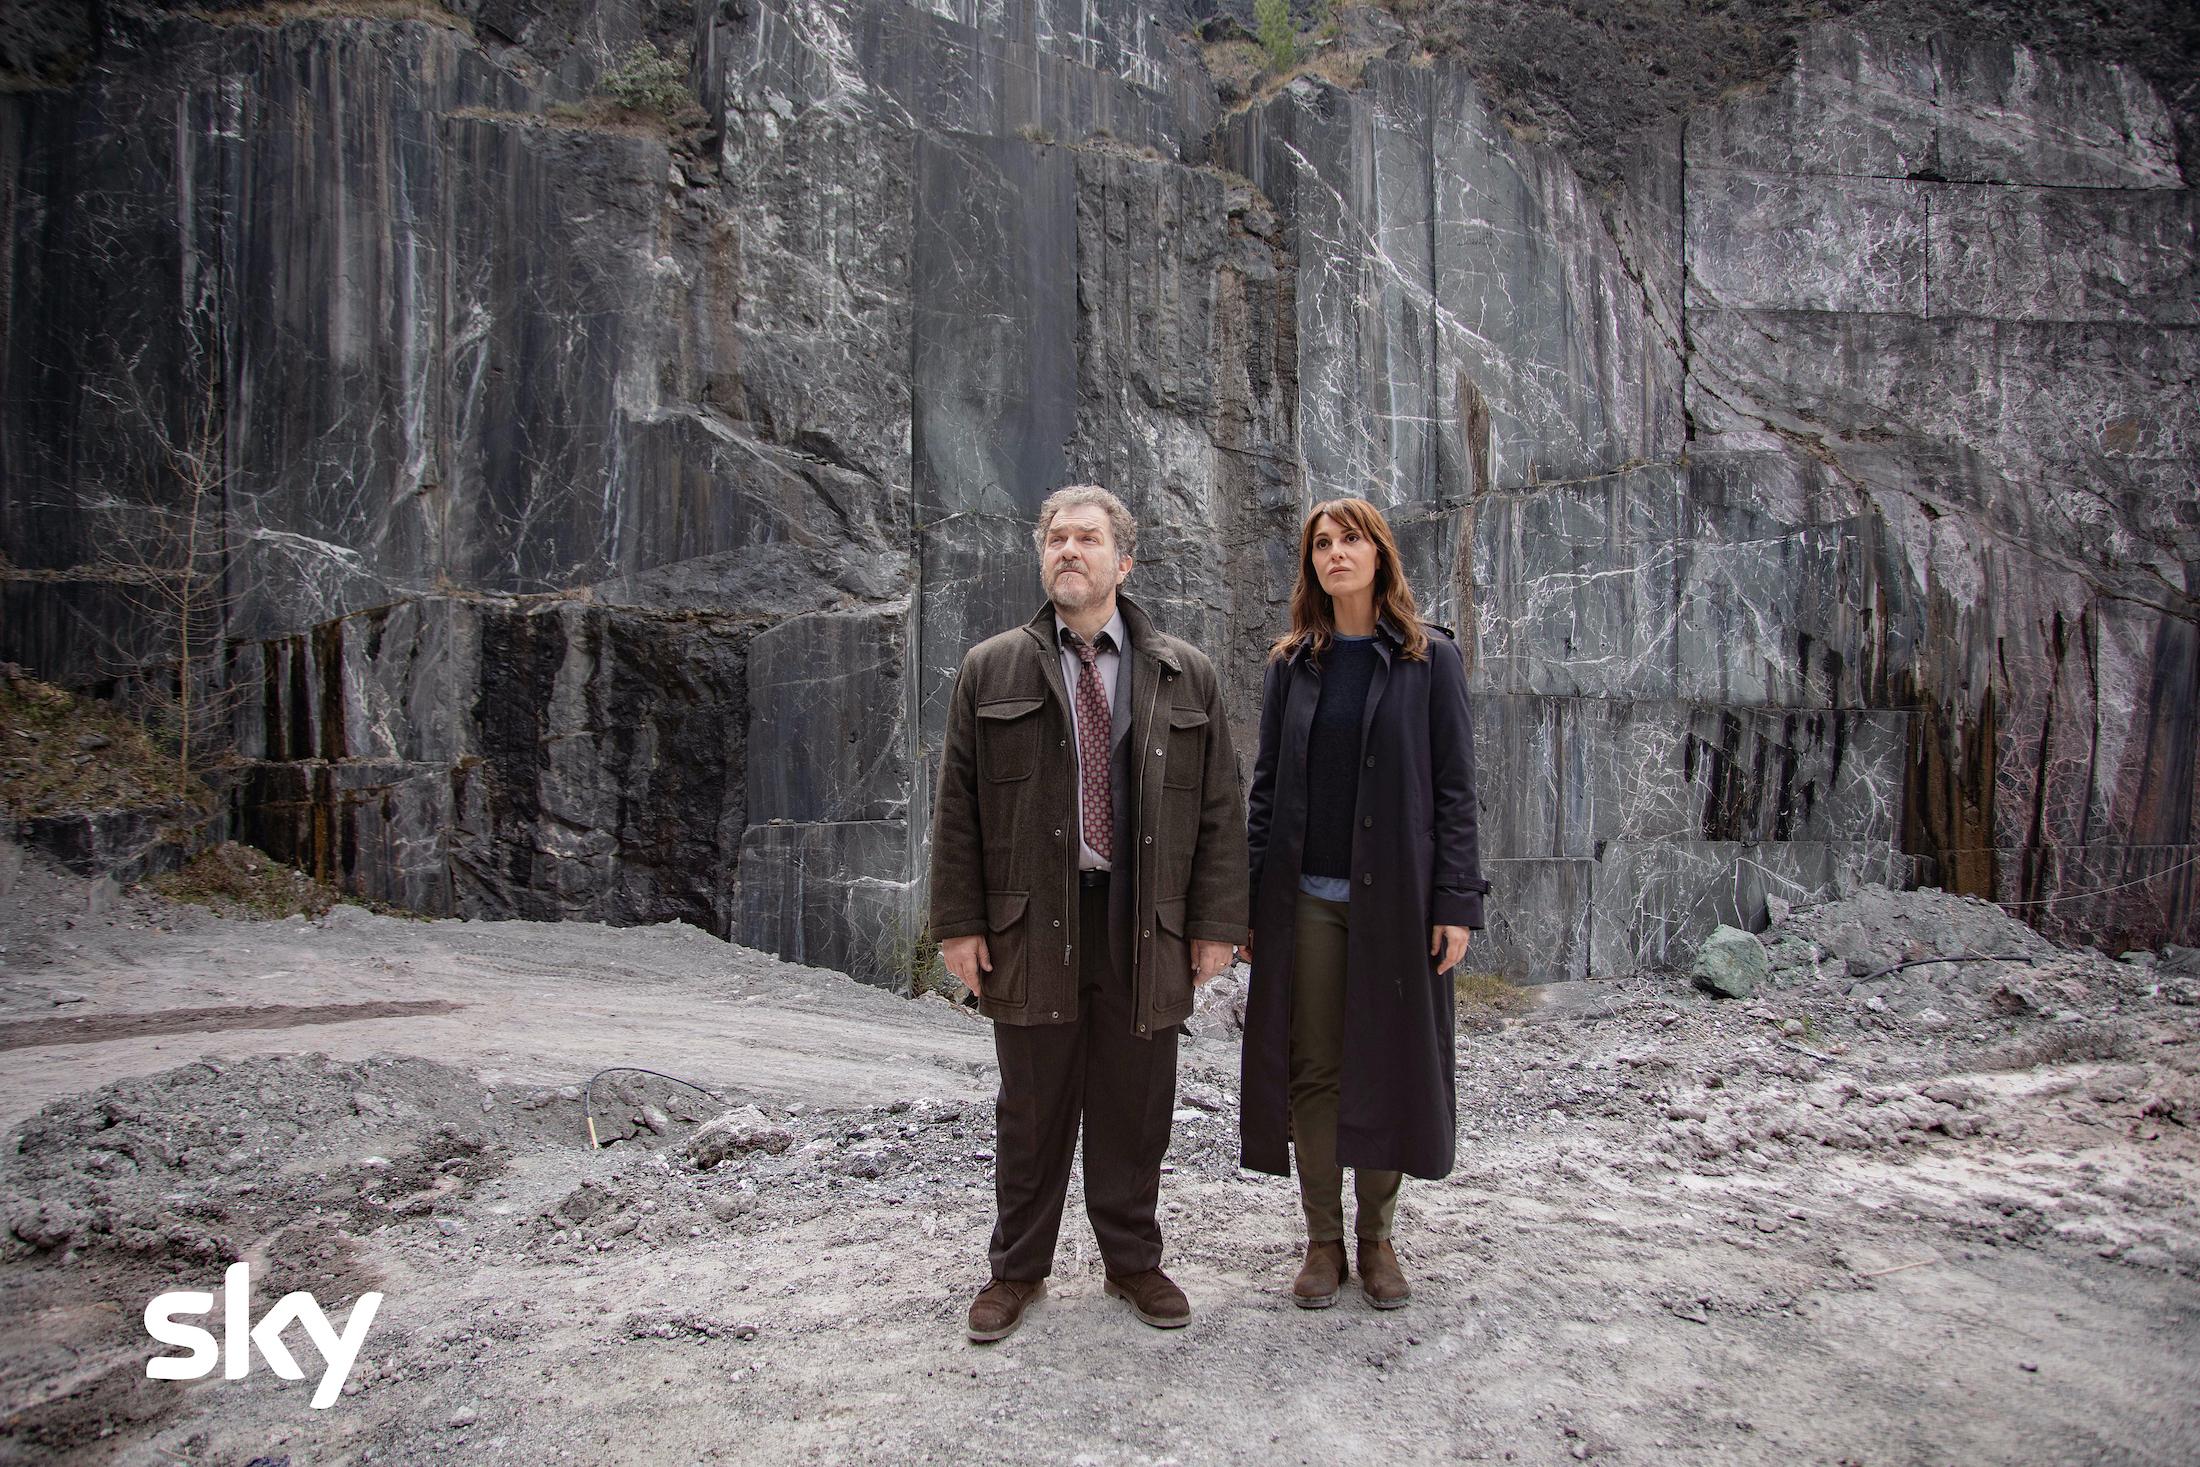 Petra: Paola Cortellesi e Andrea Pennacchi nel terzo episodio della serie